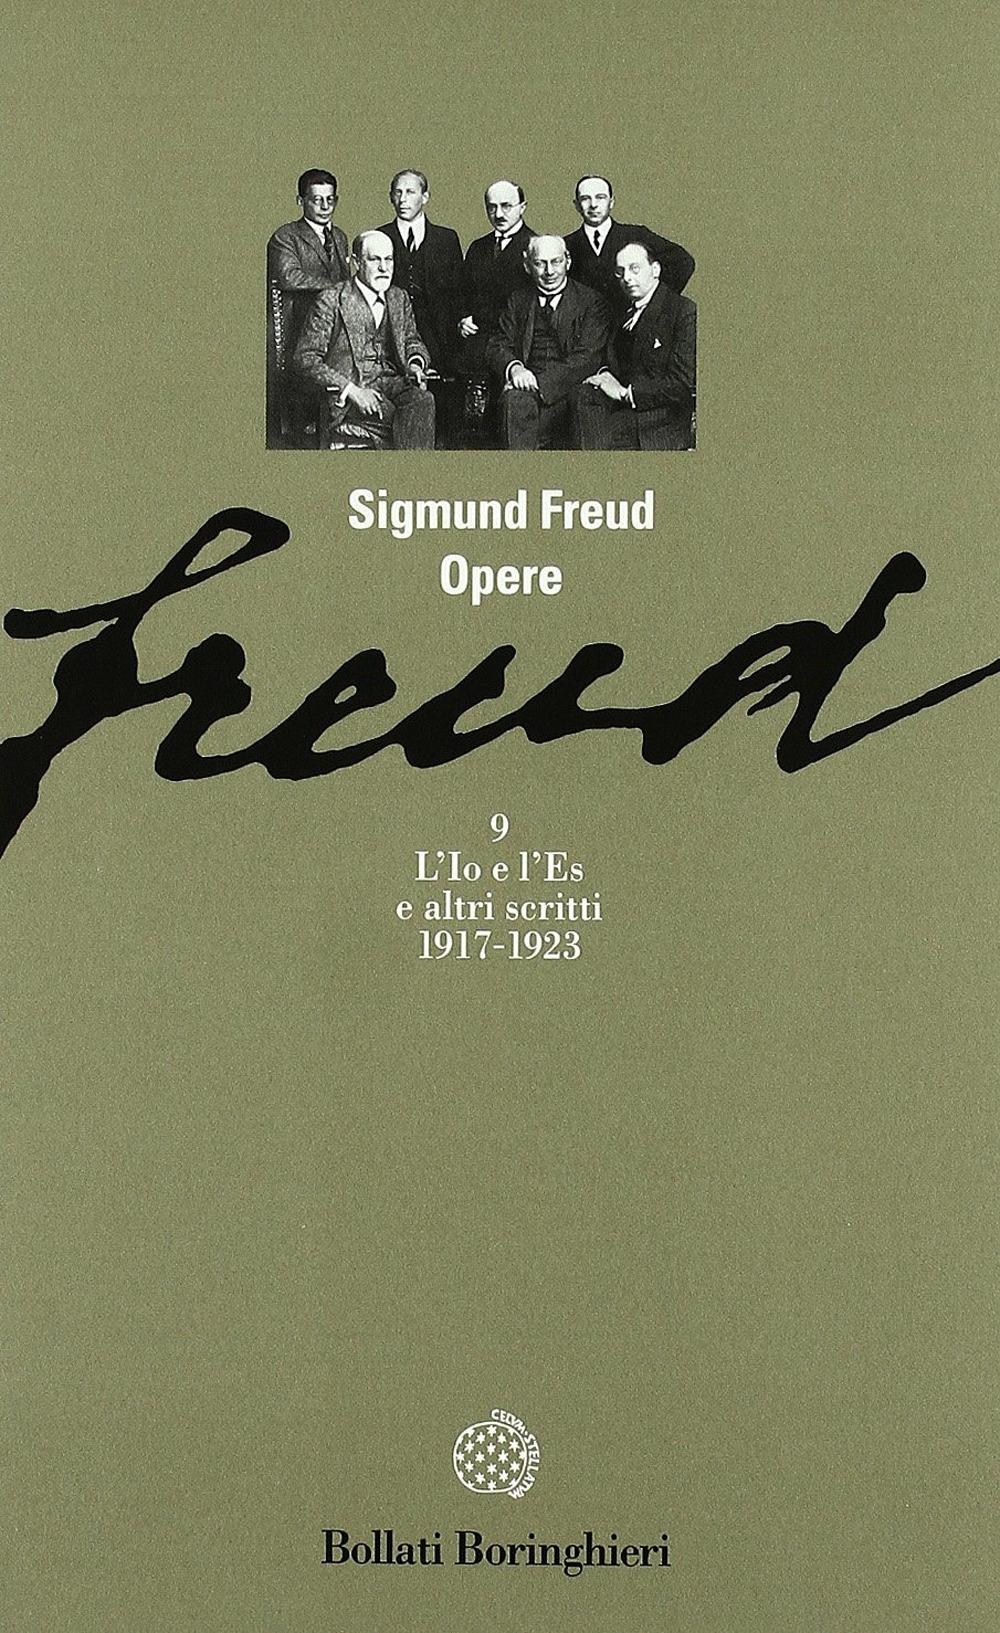 Opere. Vol. 9: L'Io e L'Es (1917-1923). - Sigmund Freud